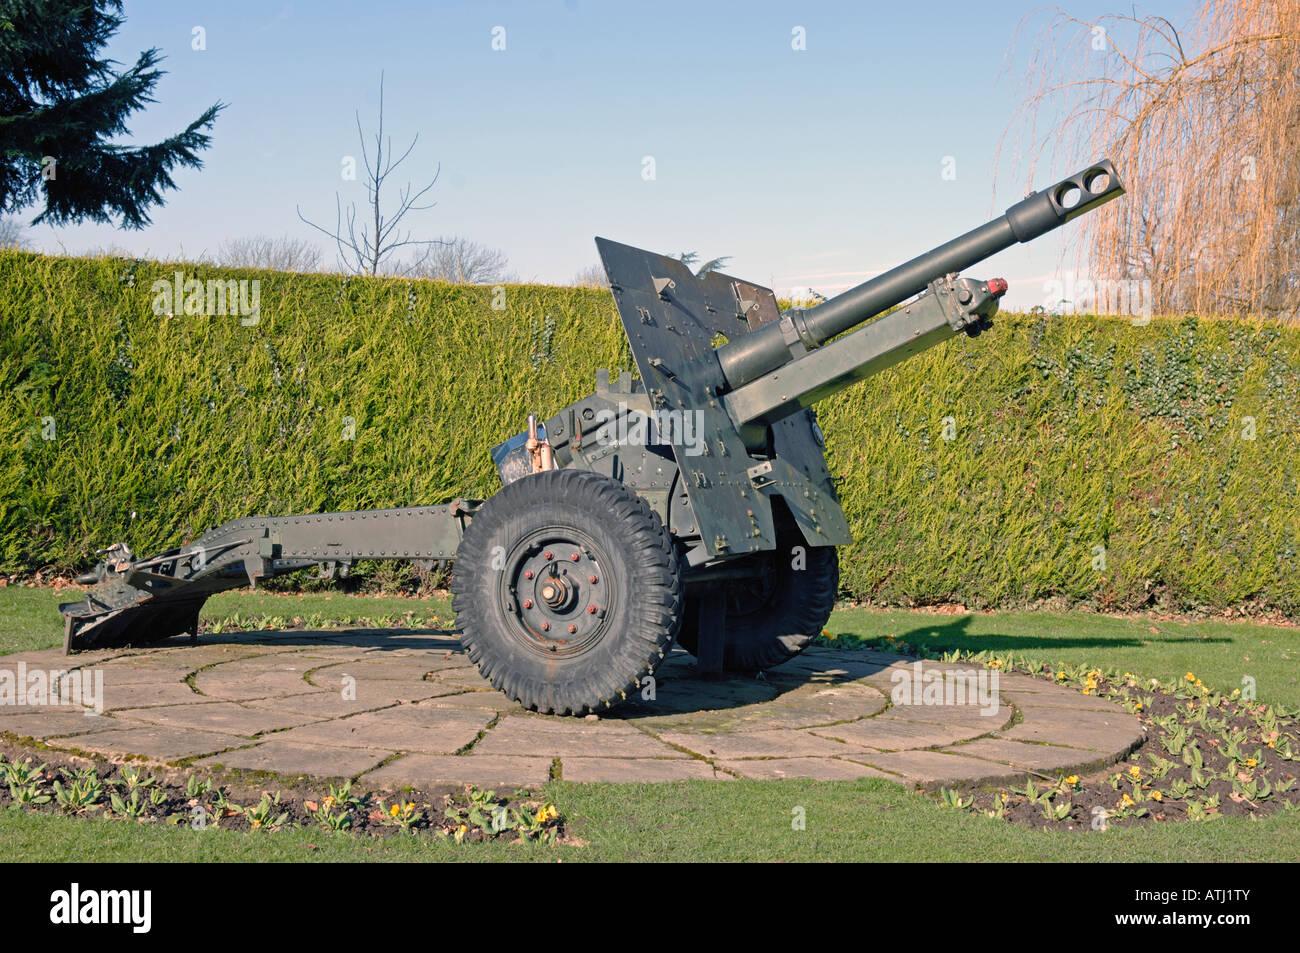 British 25 pound field gun on display in park at Oswestry